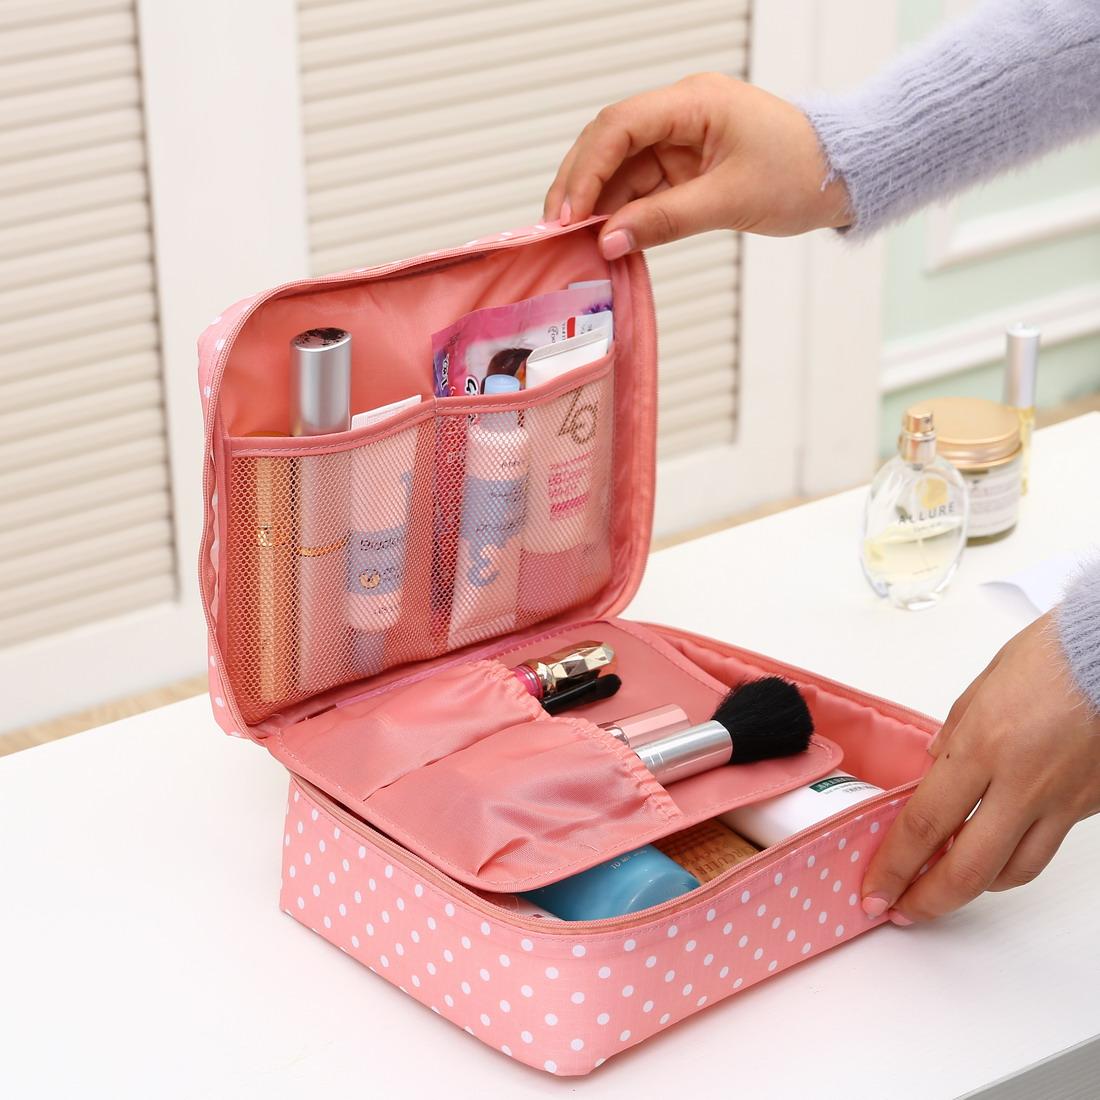 便攜收納包多功能化妝包收納整理袋簡約大容量防水旅行隨身洗漱包